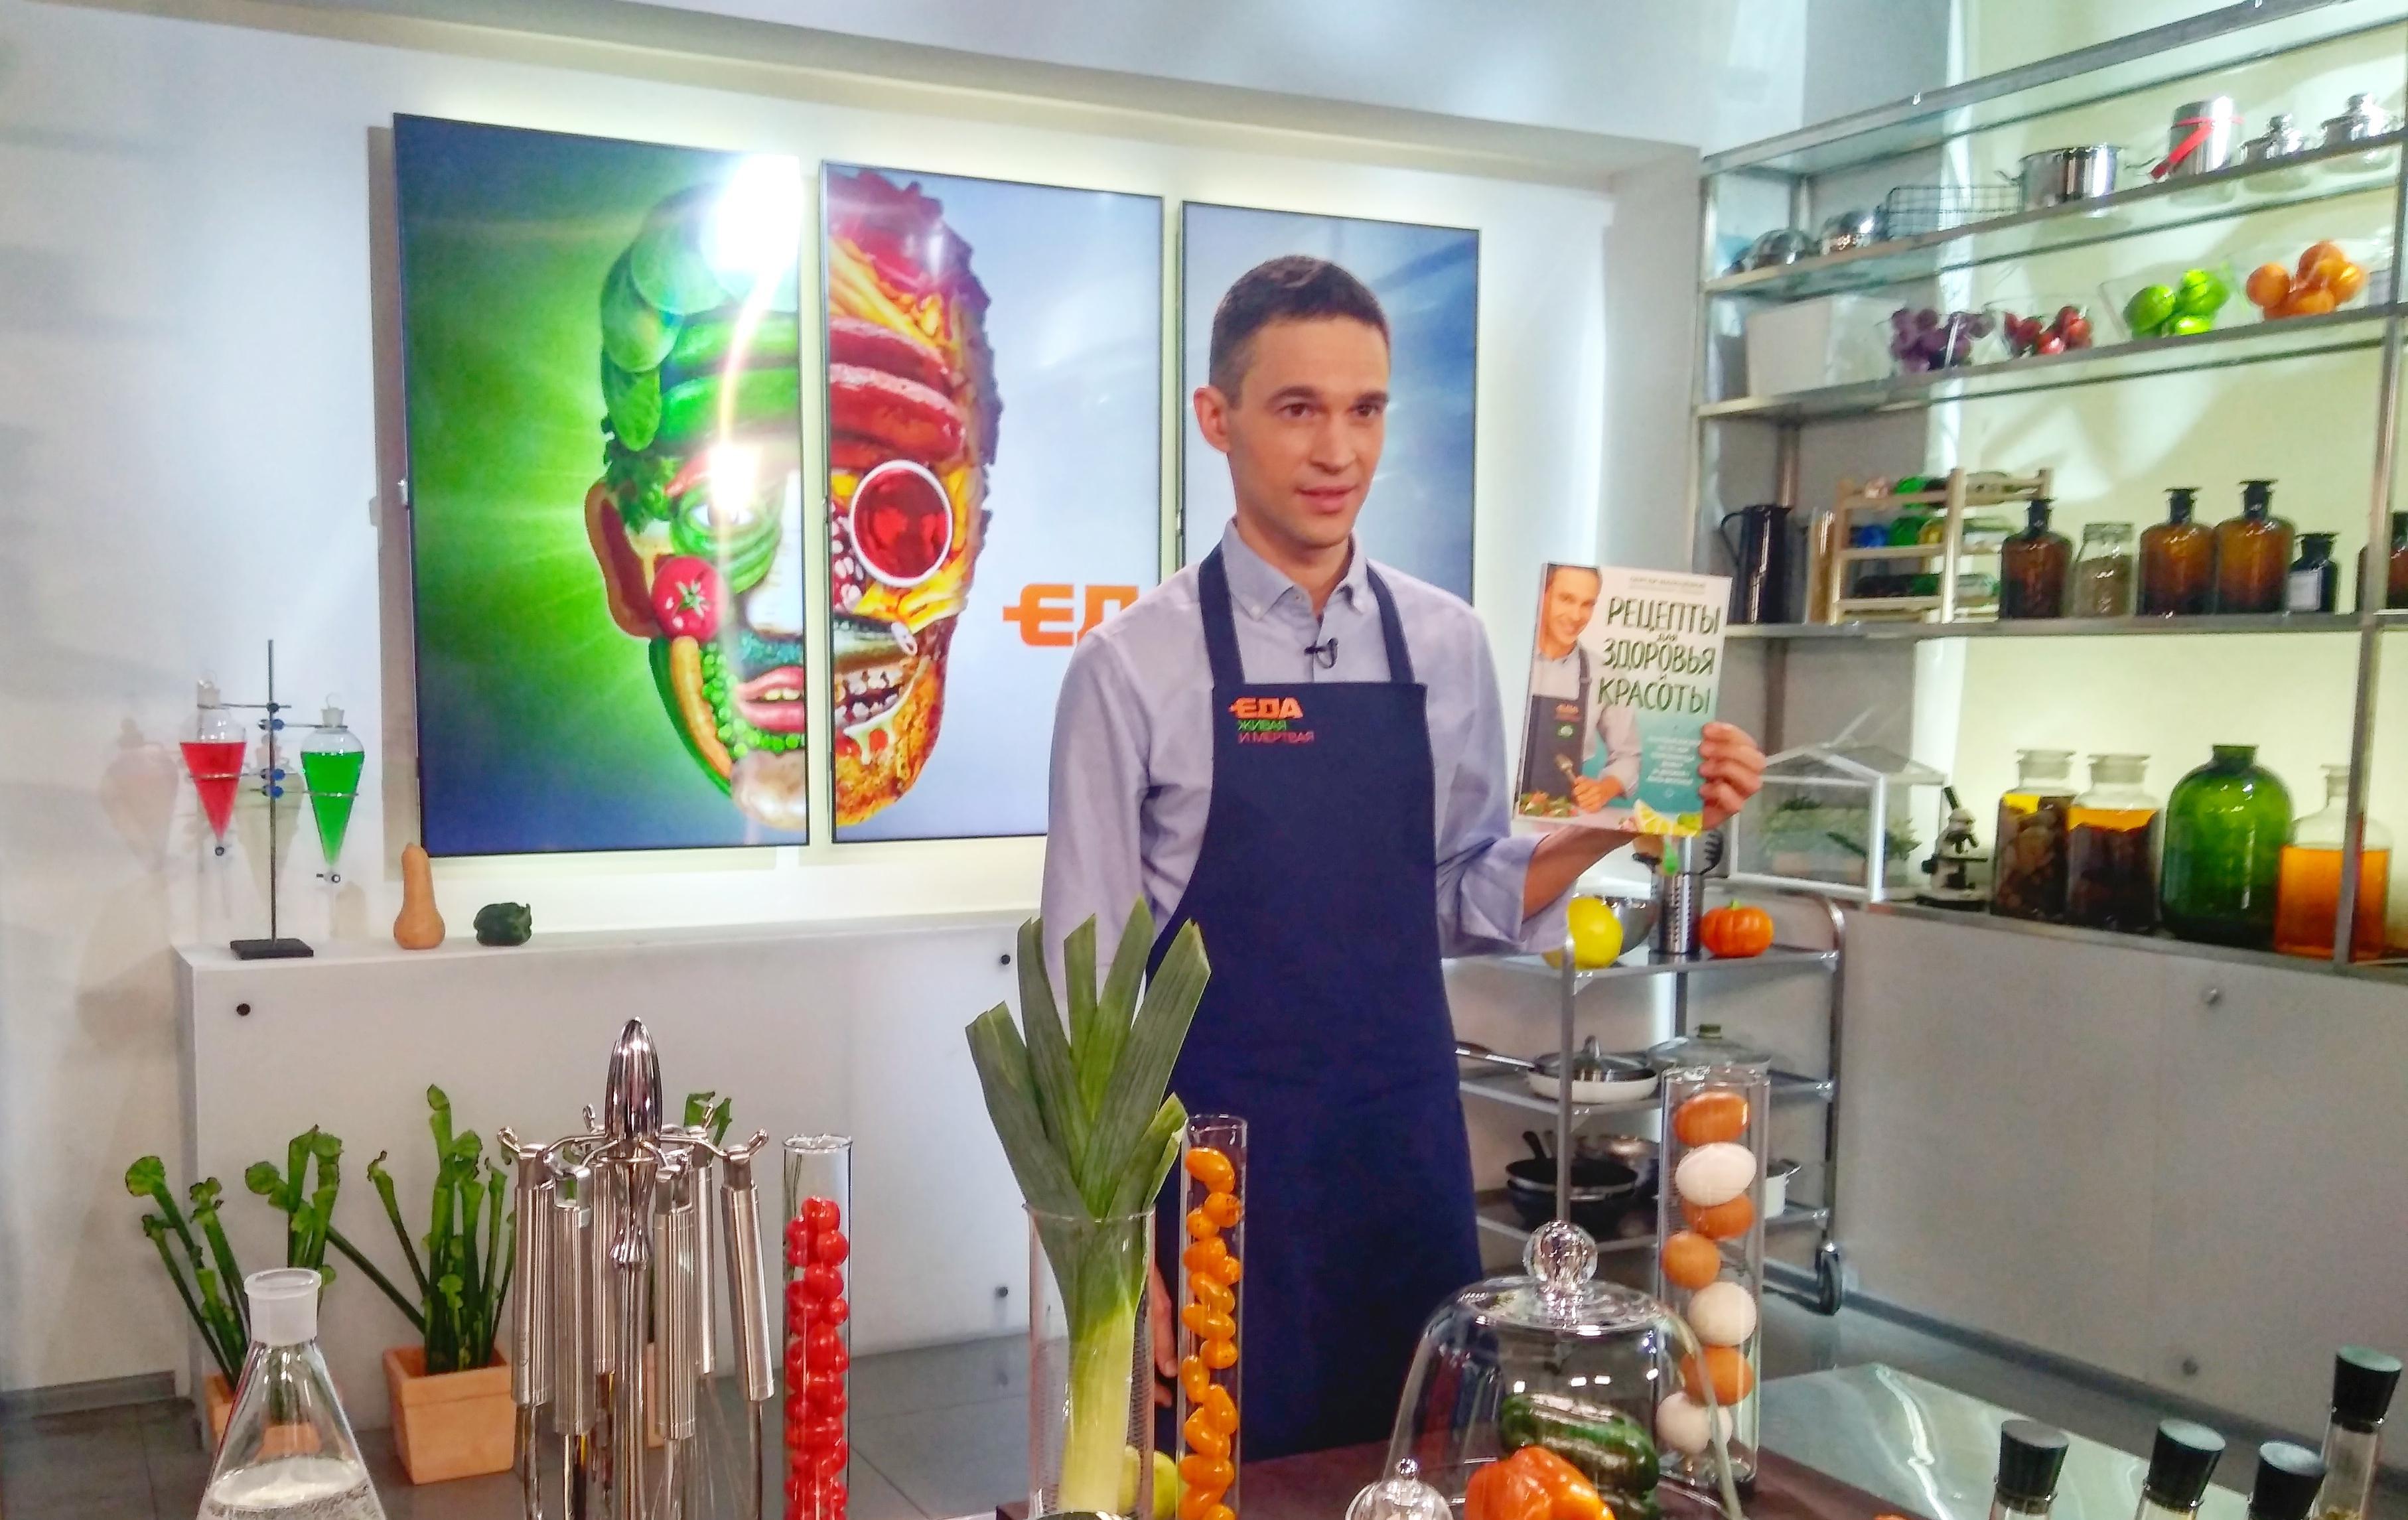 Статья о кулинарной книге Сергея Малоземова «Рецепты для здоровья и красоты»